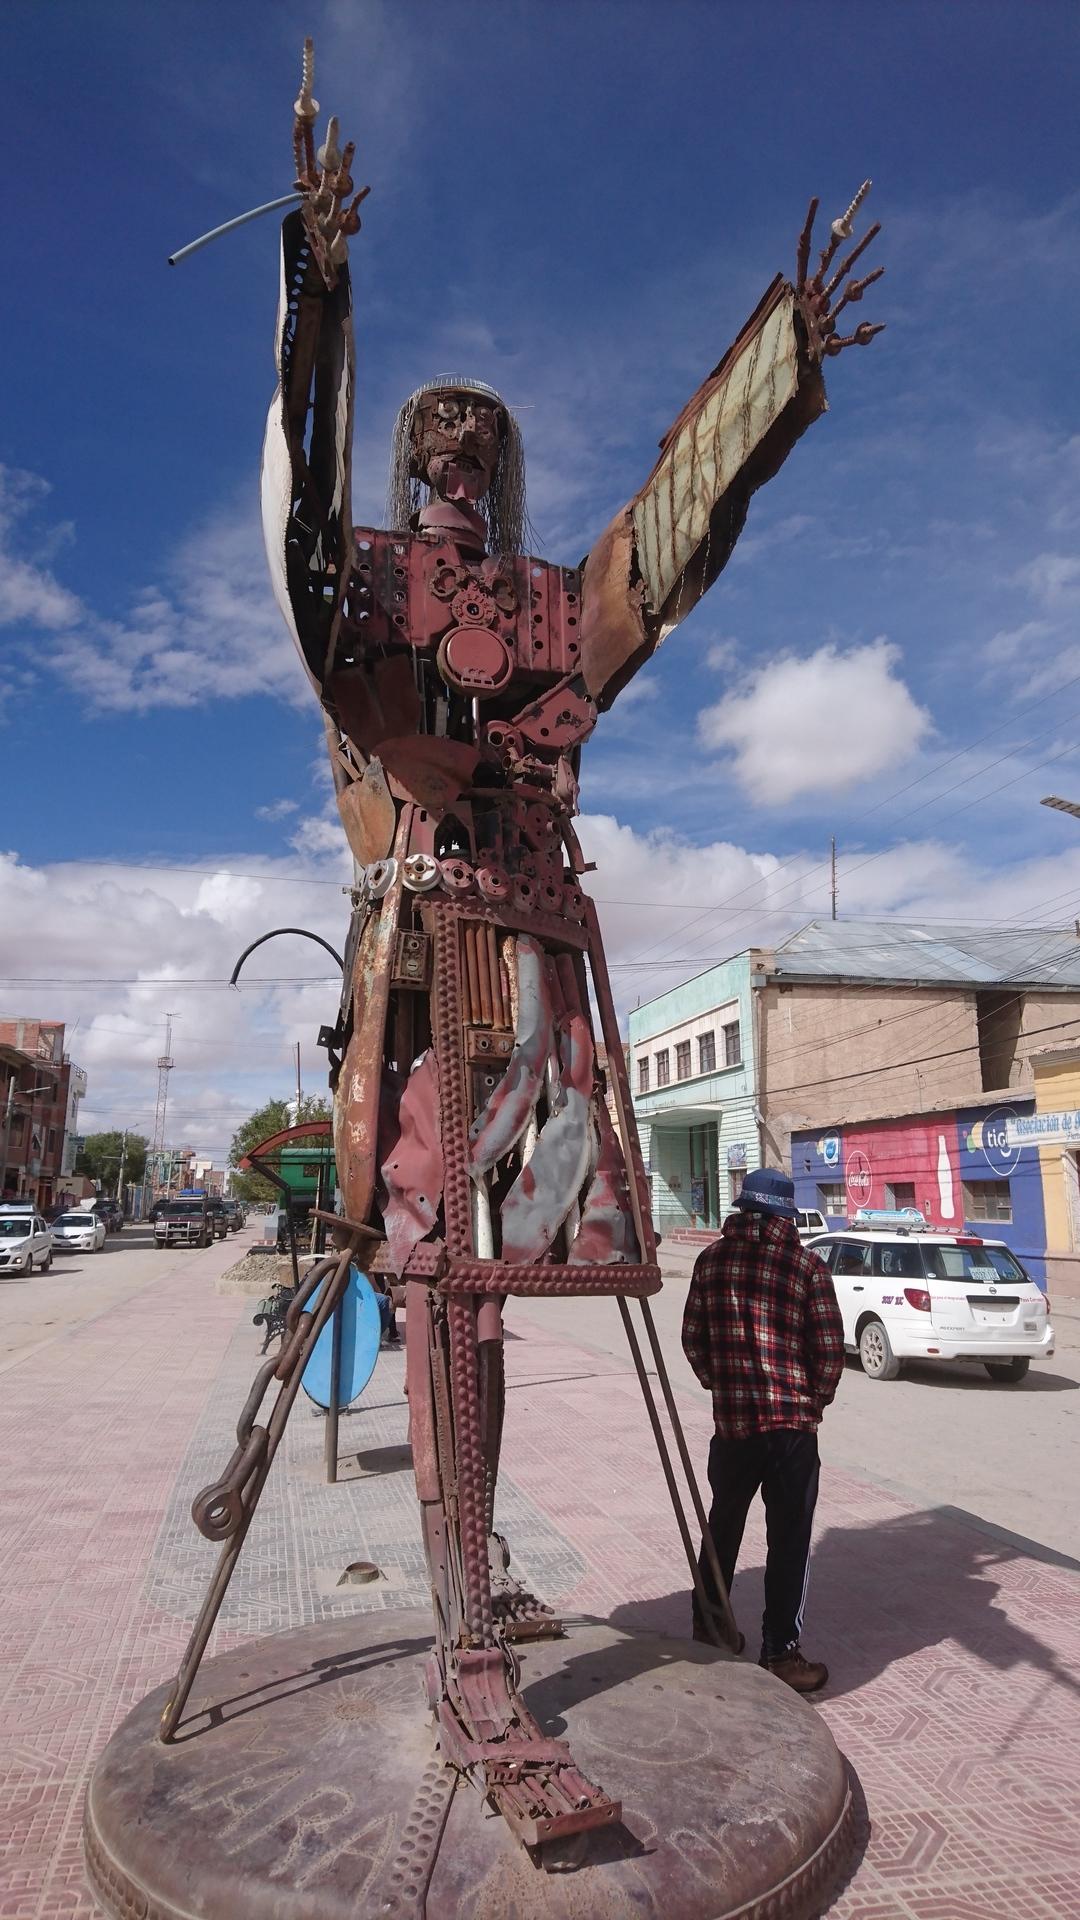 チリ ボリビア 旅行 ウユニ 街歩き オブジェB